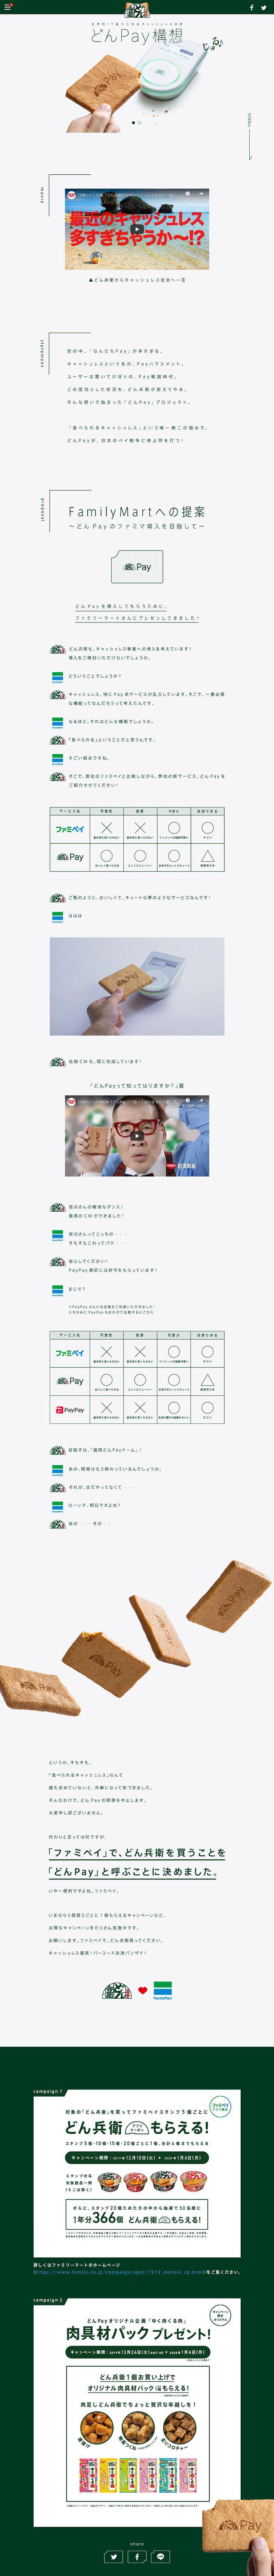 【日清食品】日清どん兵衛 どんPayプロジェクト